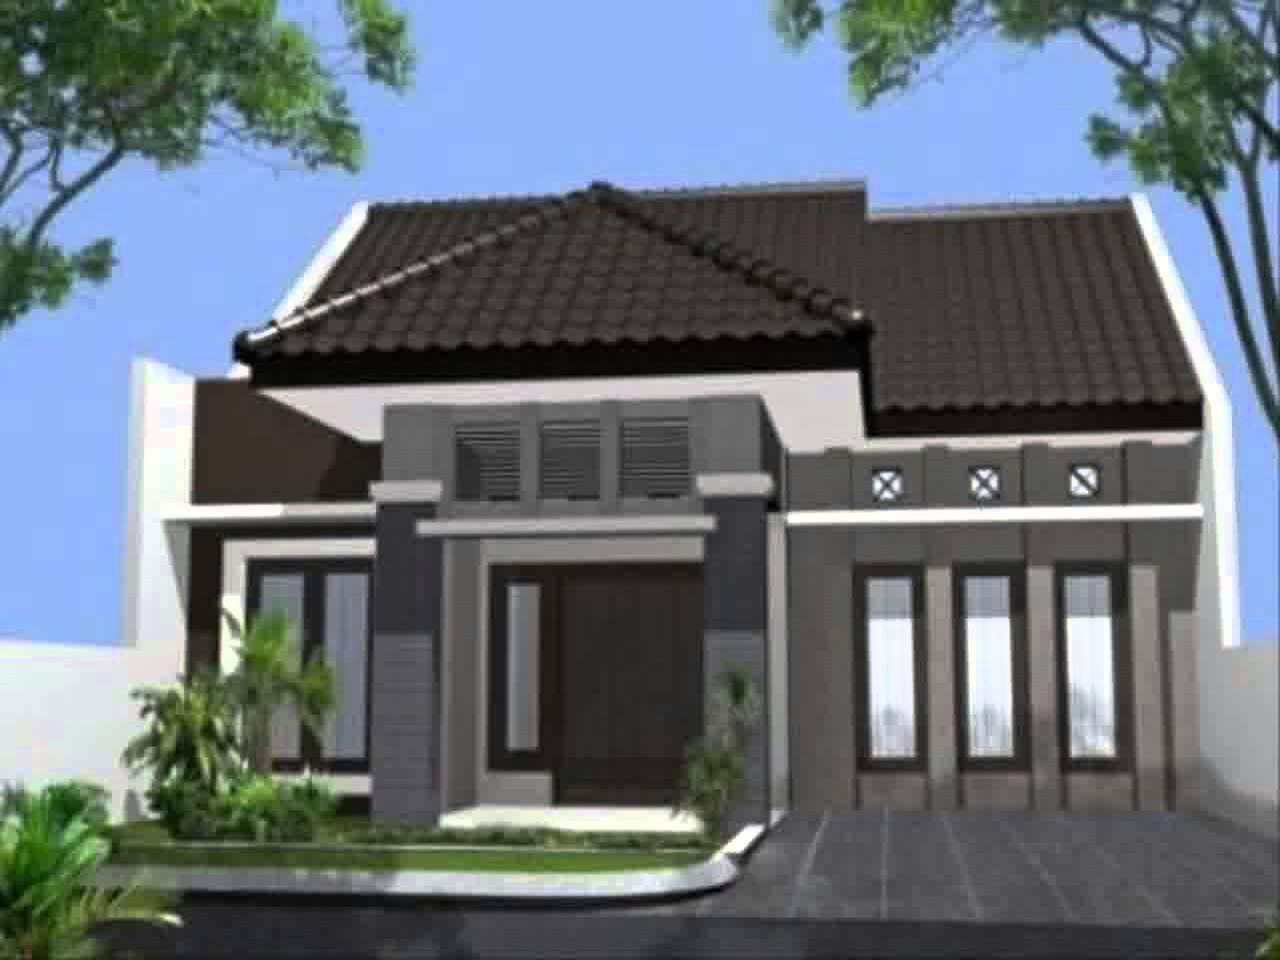 Luar biasa 21 Gambar Rumah Joglo Terbaru 61 Dalam Inspirasi Ide Desain Interior Rumah untuk 21 Gambar Rumah Joglo Terbaru